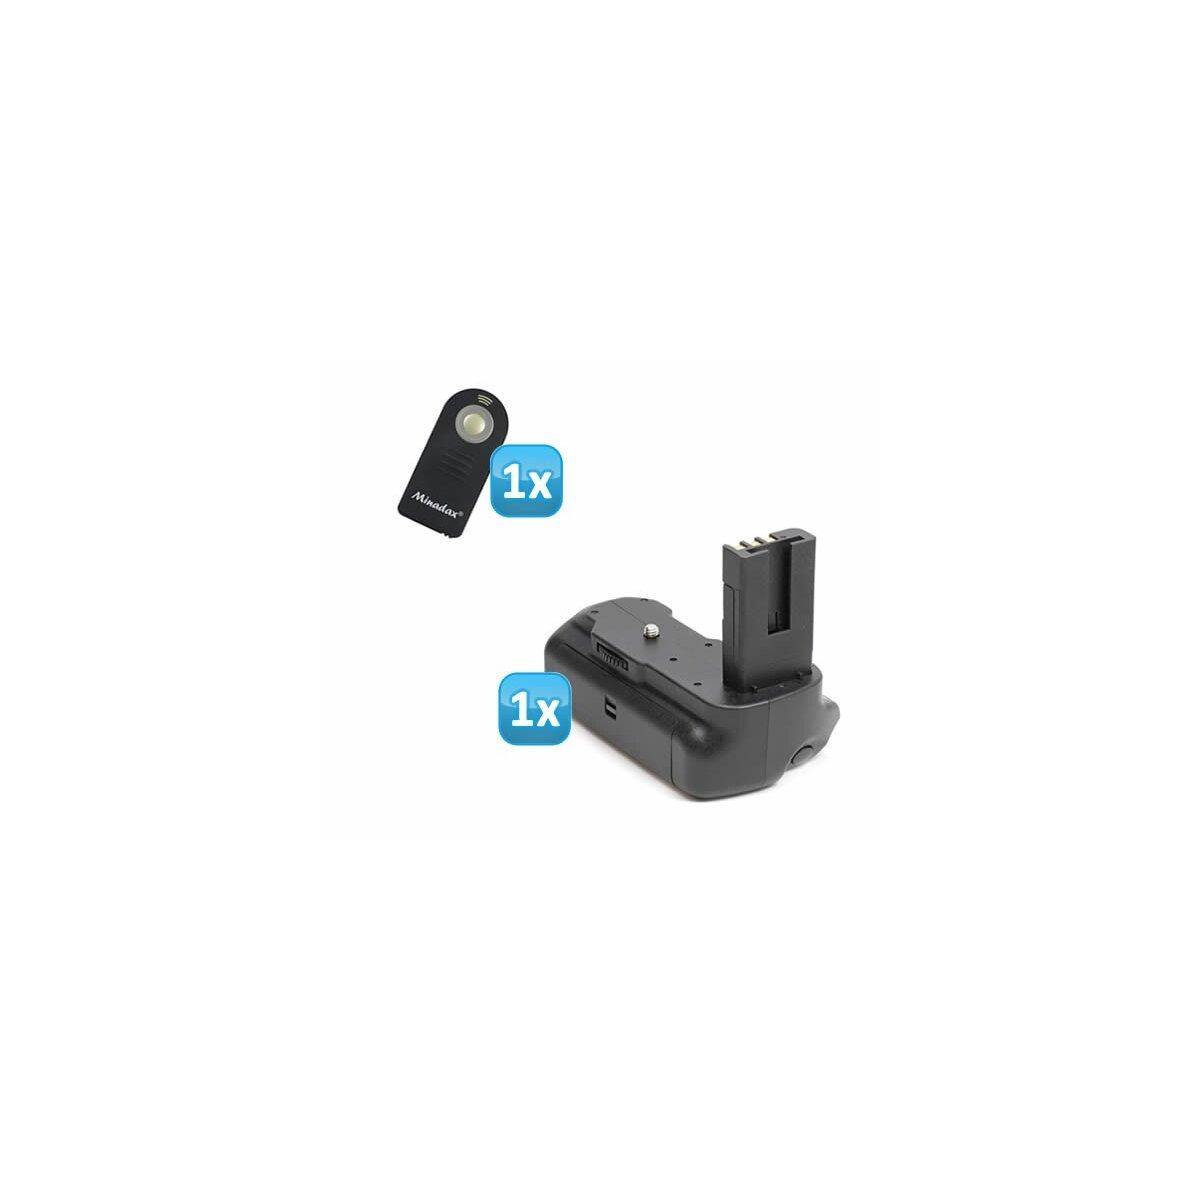 Minadax Profi Batteriegriff fuer Nikon D5000 - hochwertiger Handgriff mit Hochformatausloeser - doppelte Kapazität durch 2 Akkus + 1x Infrarot Fernbedienung!